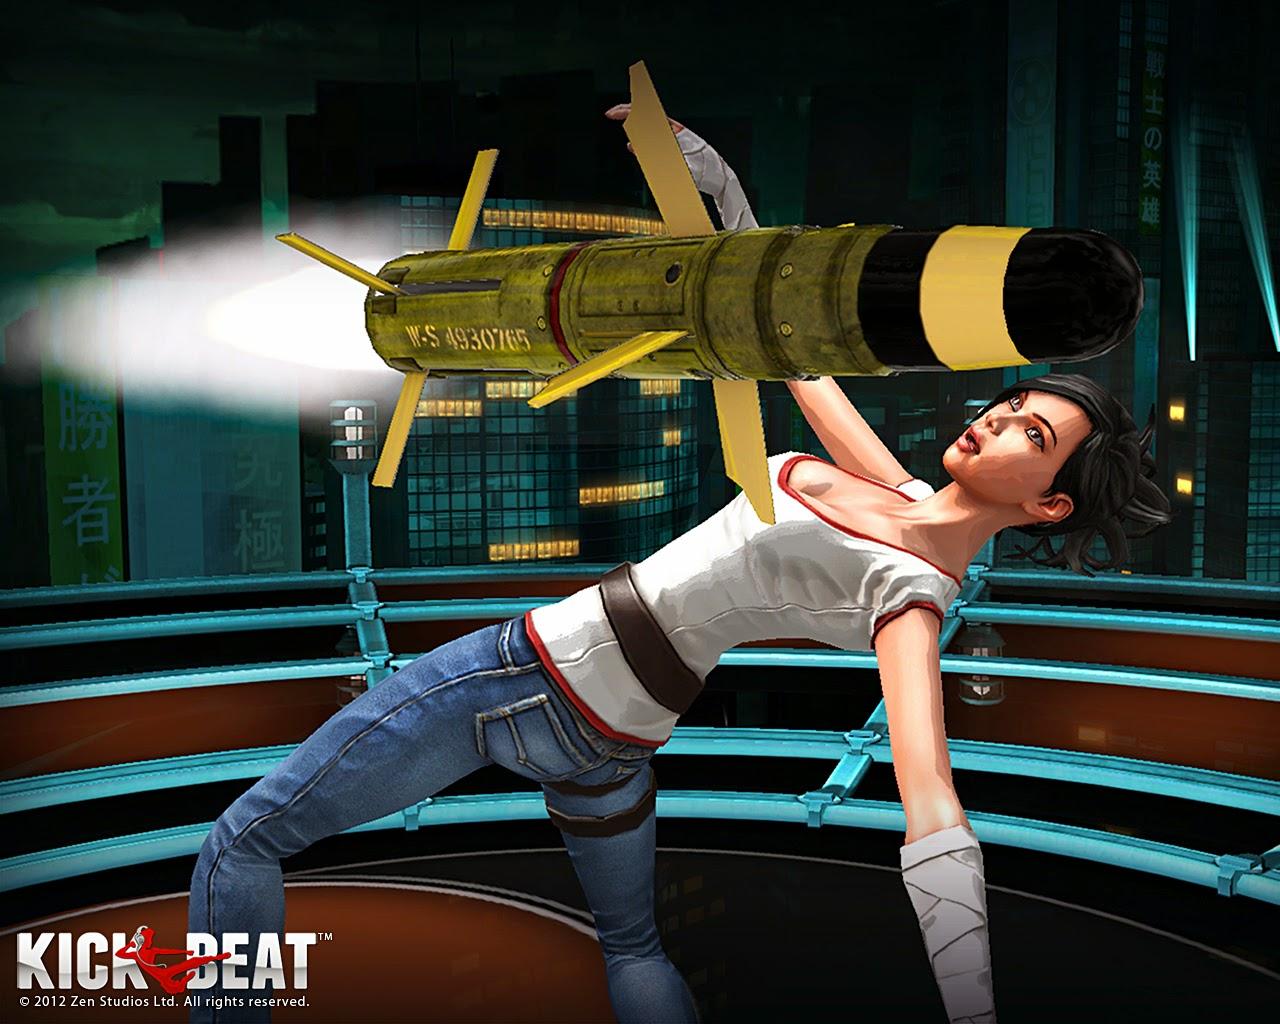 Loạt hình nền tuyệt đẹp của game âm nhạc KickBeat